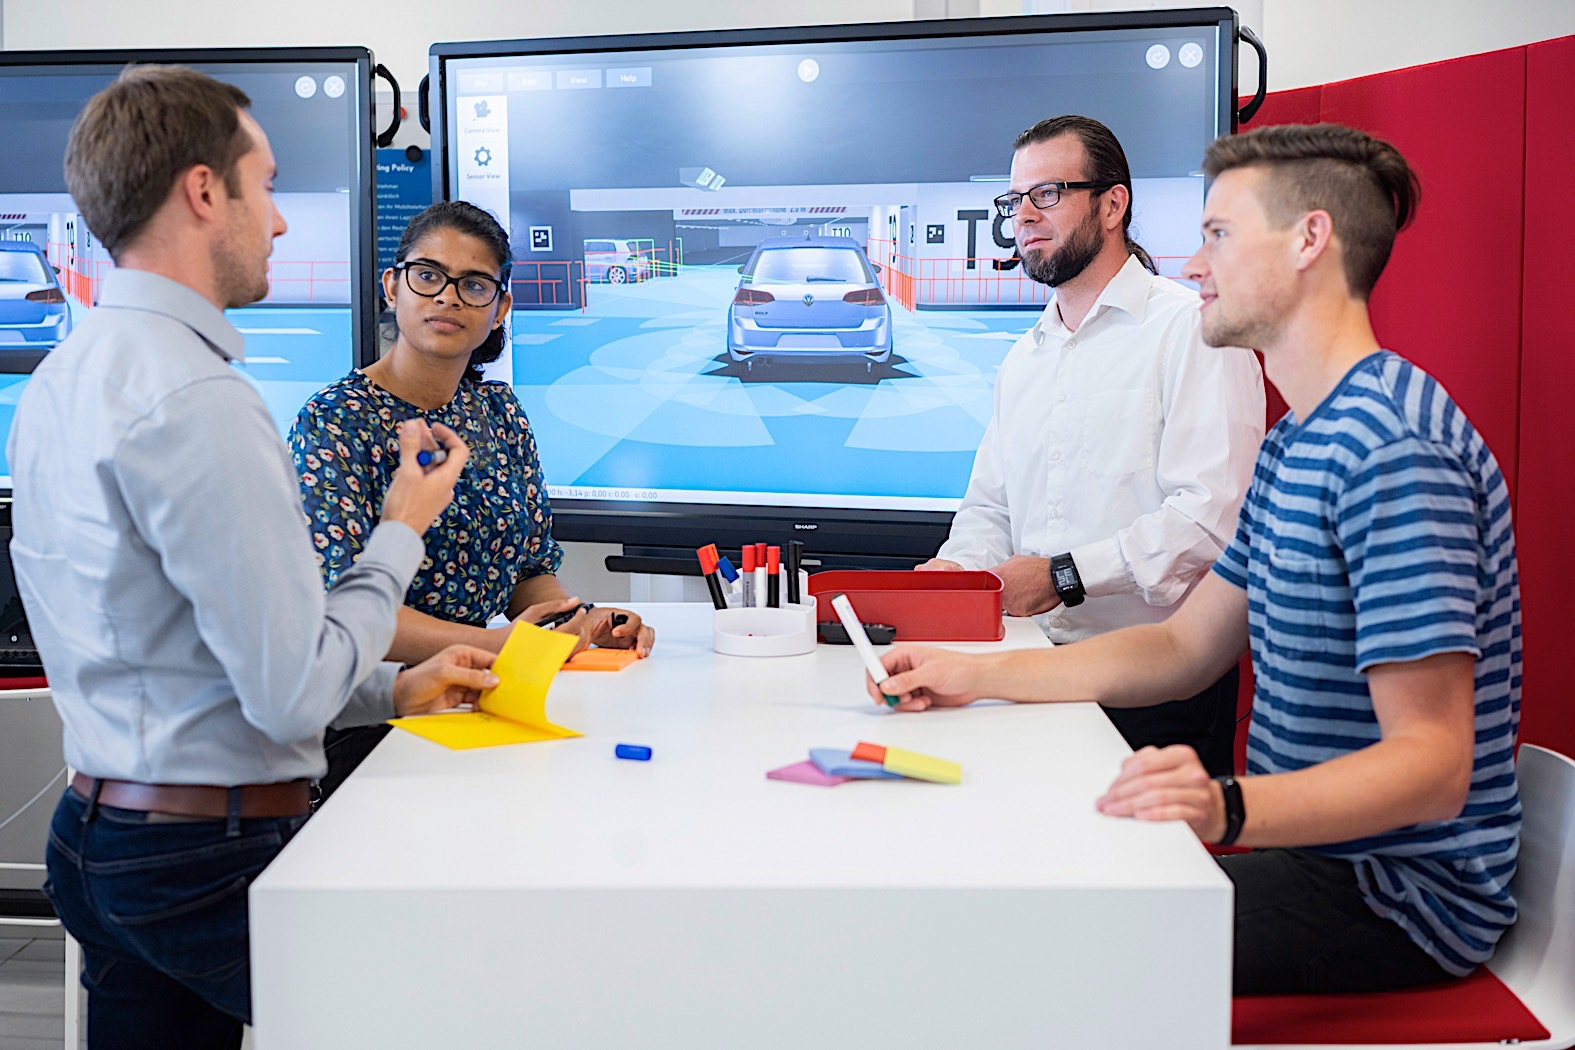 大众计划采用虚拟现实技术 助力驾驶辅助系统研发